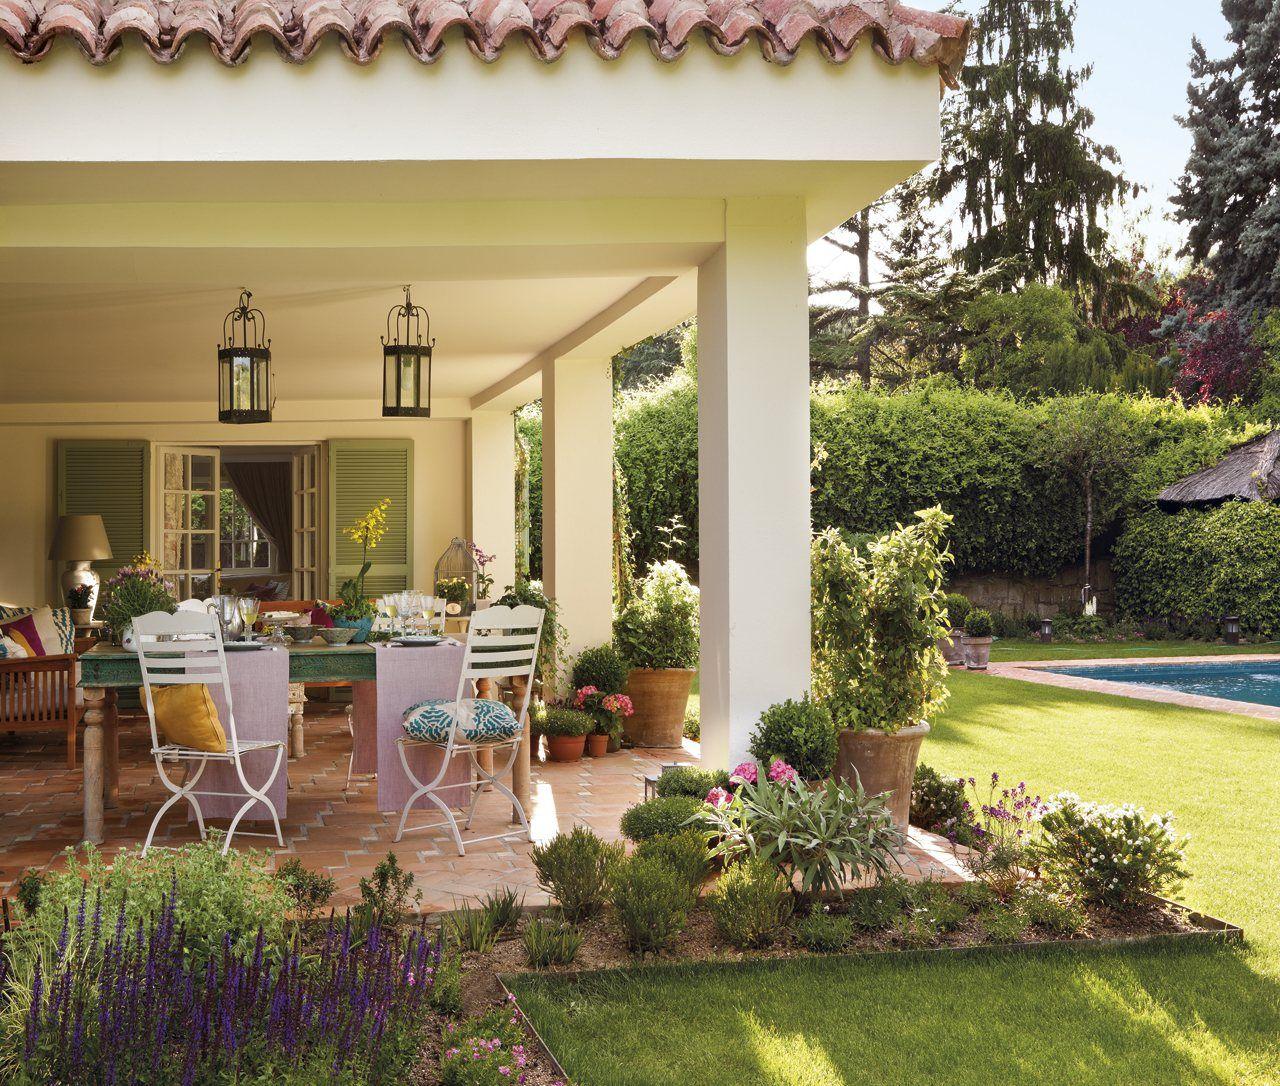 La casa de los mil y un detalles est en madrid pero no - Terraza casa de campo ...